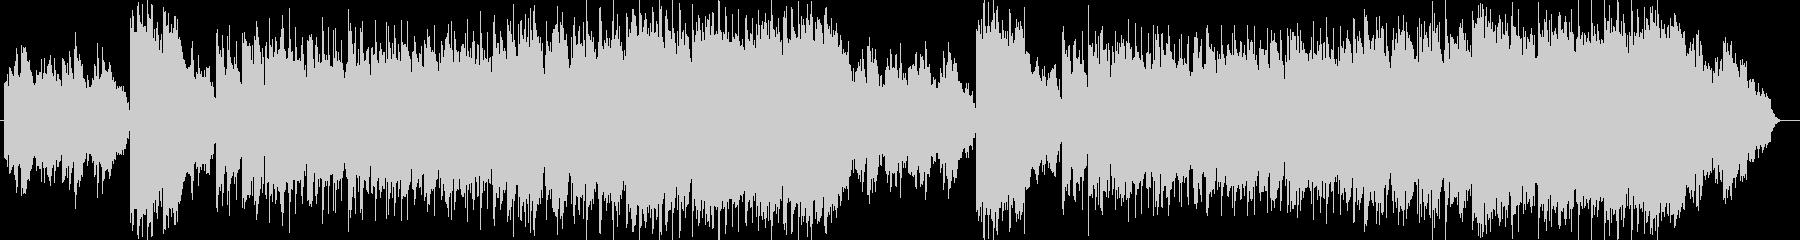 美しく切ないシンセサイザーサウンドの未再生の波形